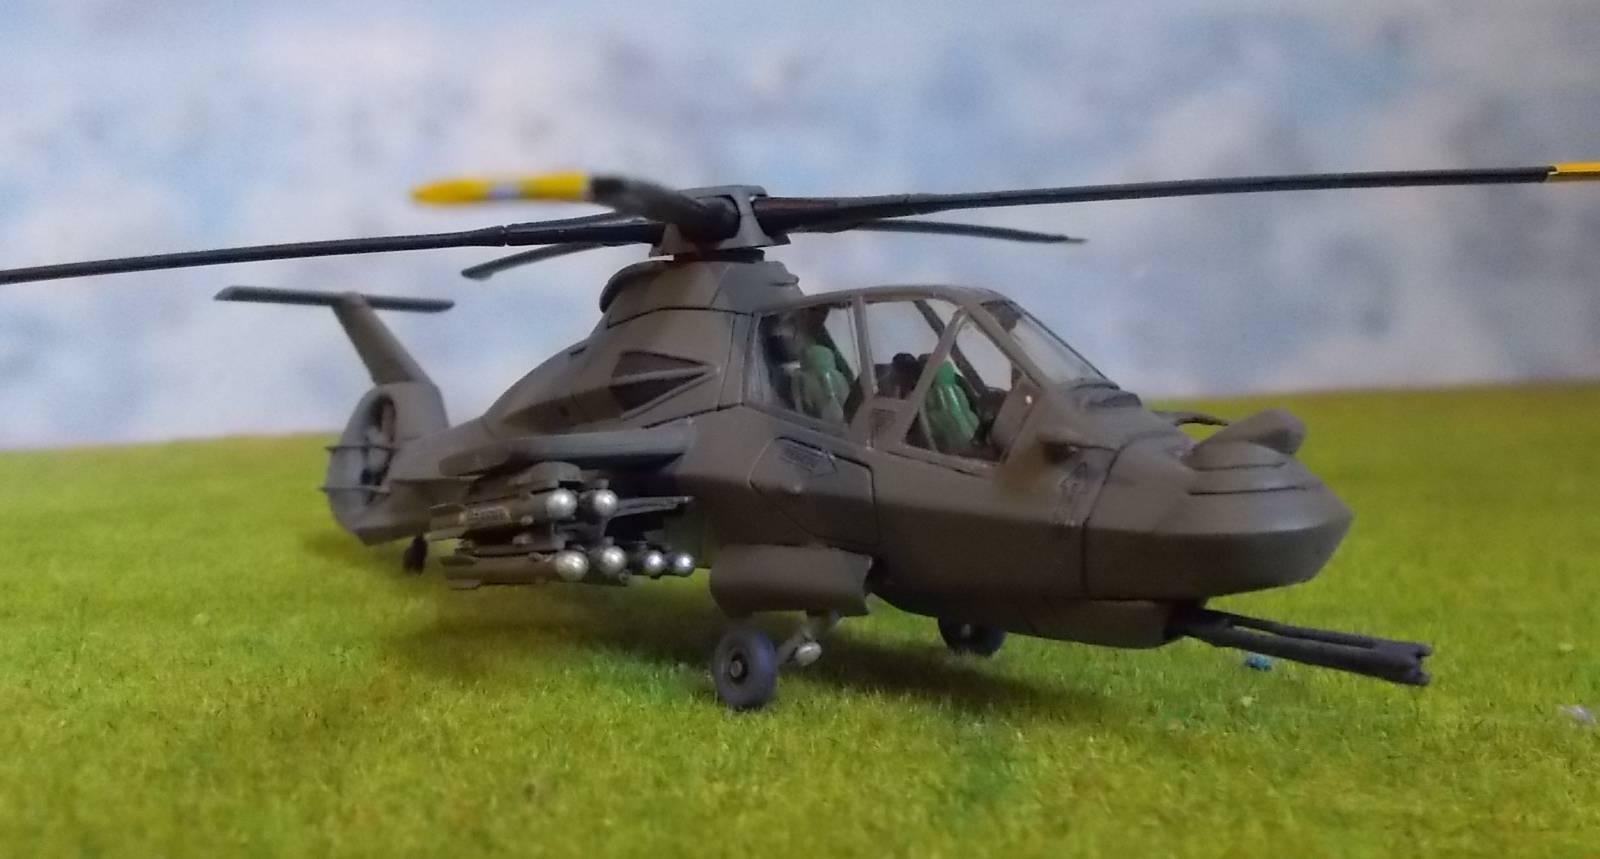 Читать онлайн энциклопедия современной военной авиации 1945 – 2002 ч 2 вертолеты | boeing/sikorsky rah-66 comanche боинг/сикорский rah-66 «команч» и скачать fb2 без регистрации